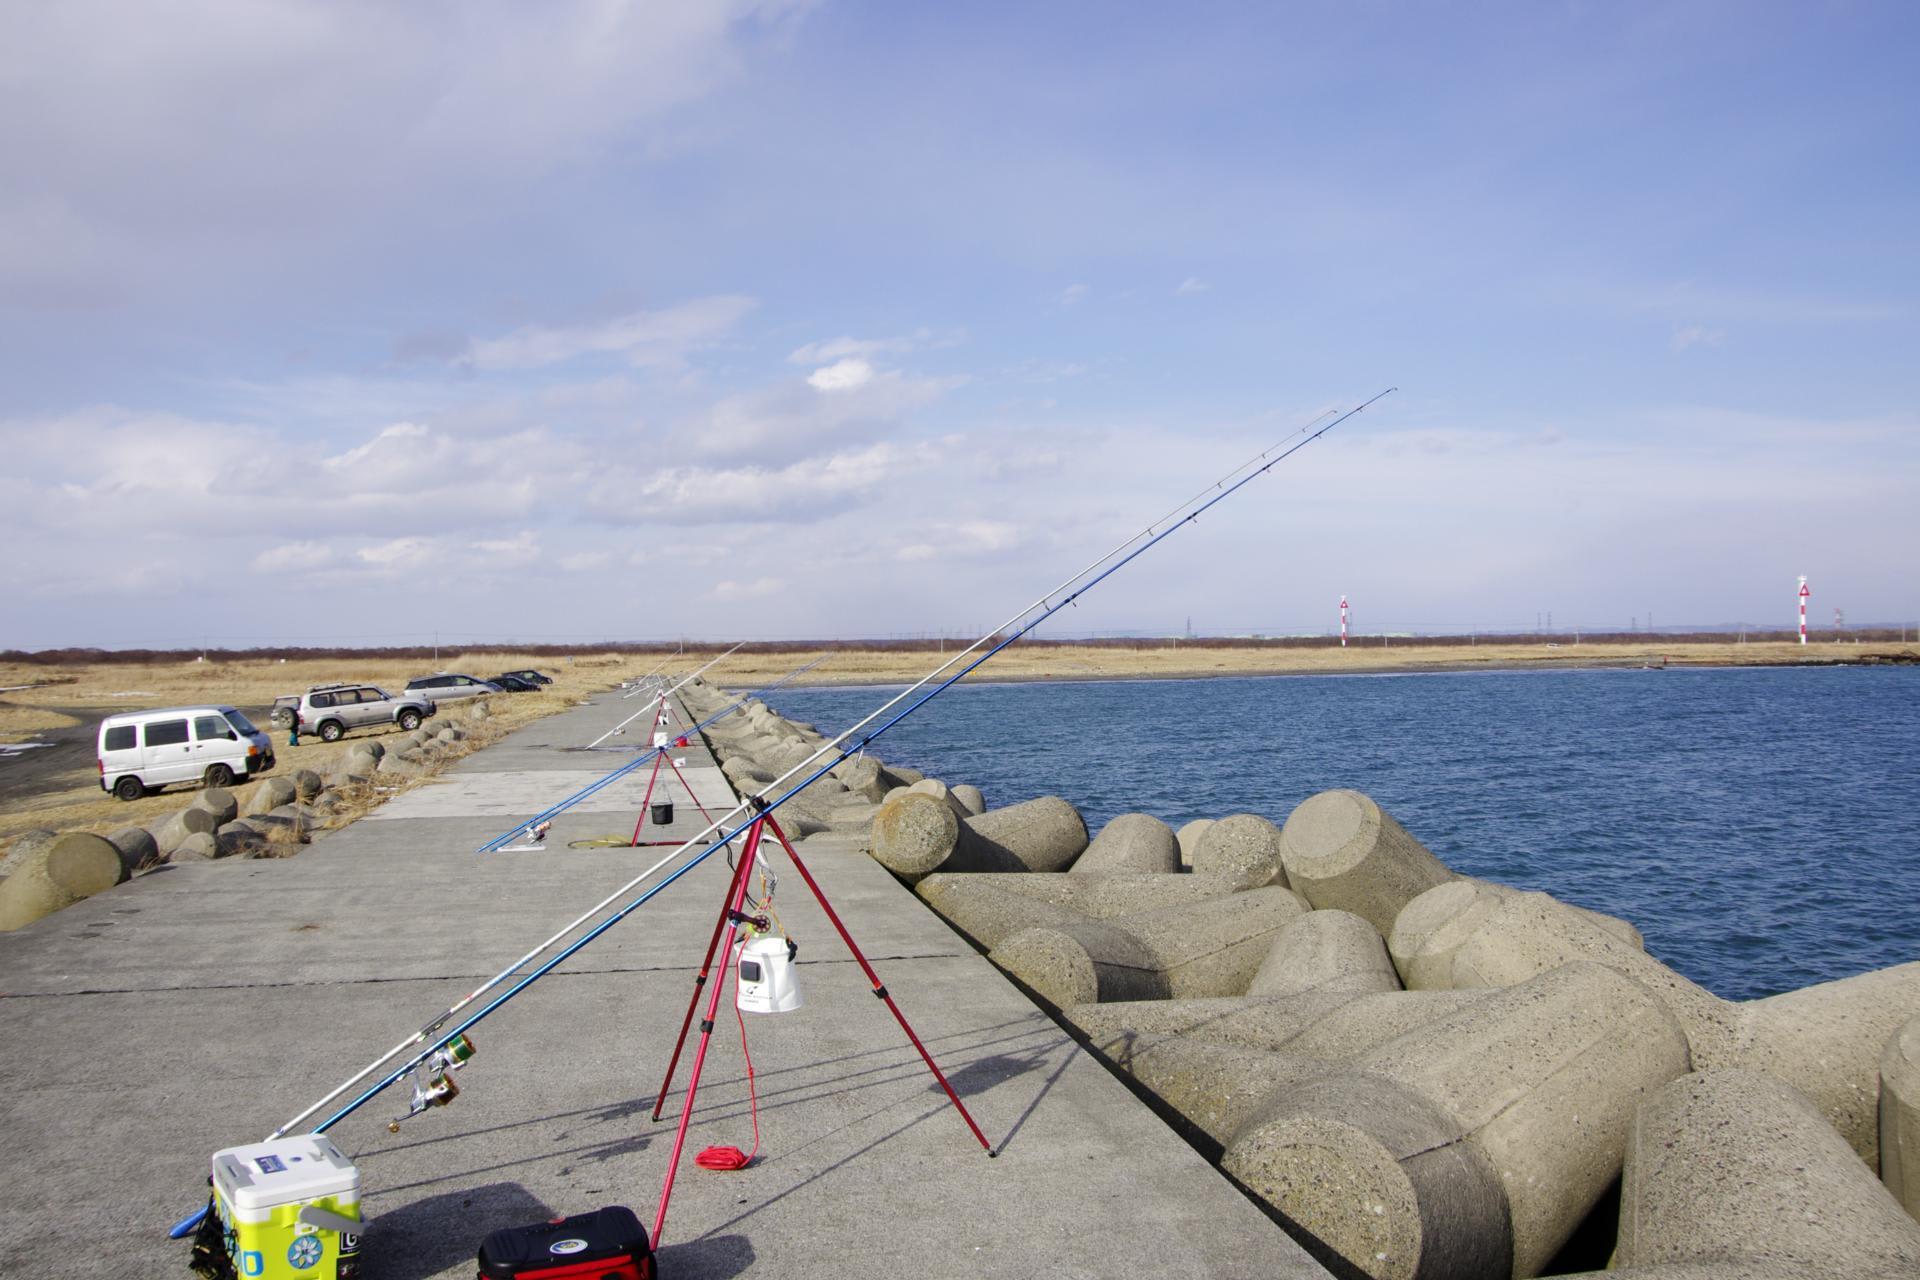 苫小牧 東港 釣り 苫小牧東港が釣り文化振興モデル港に指定されました